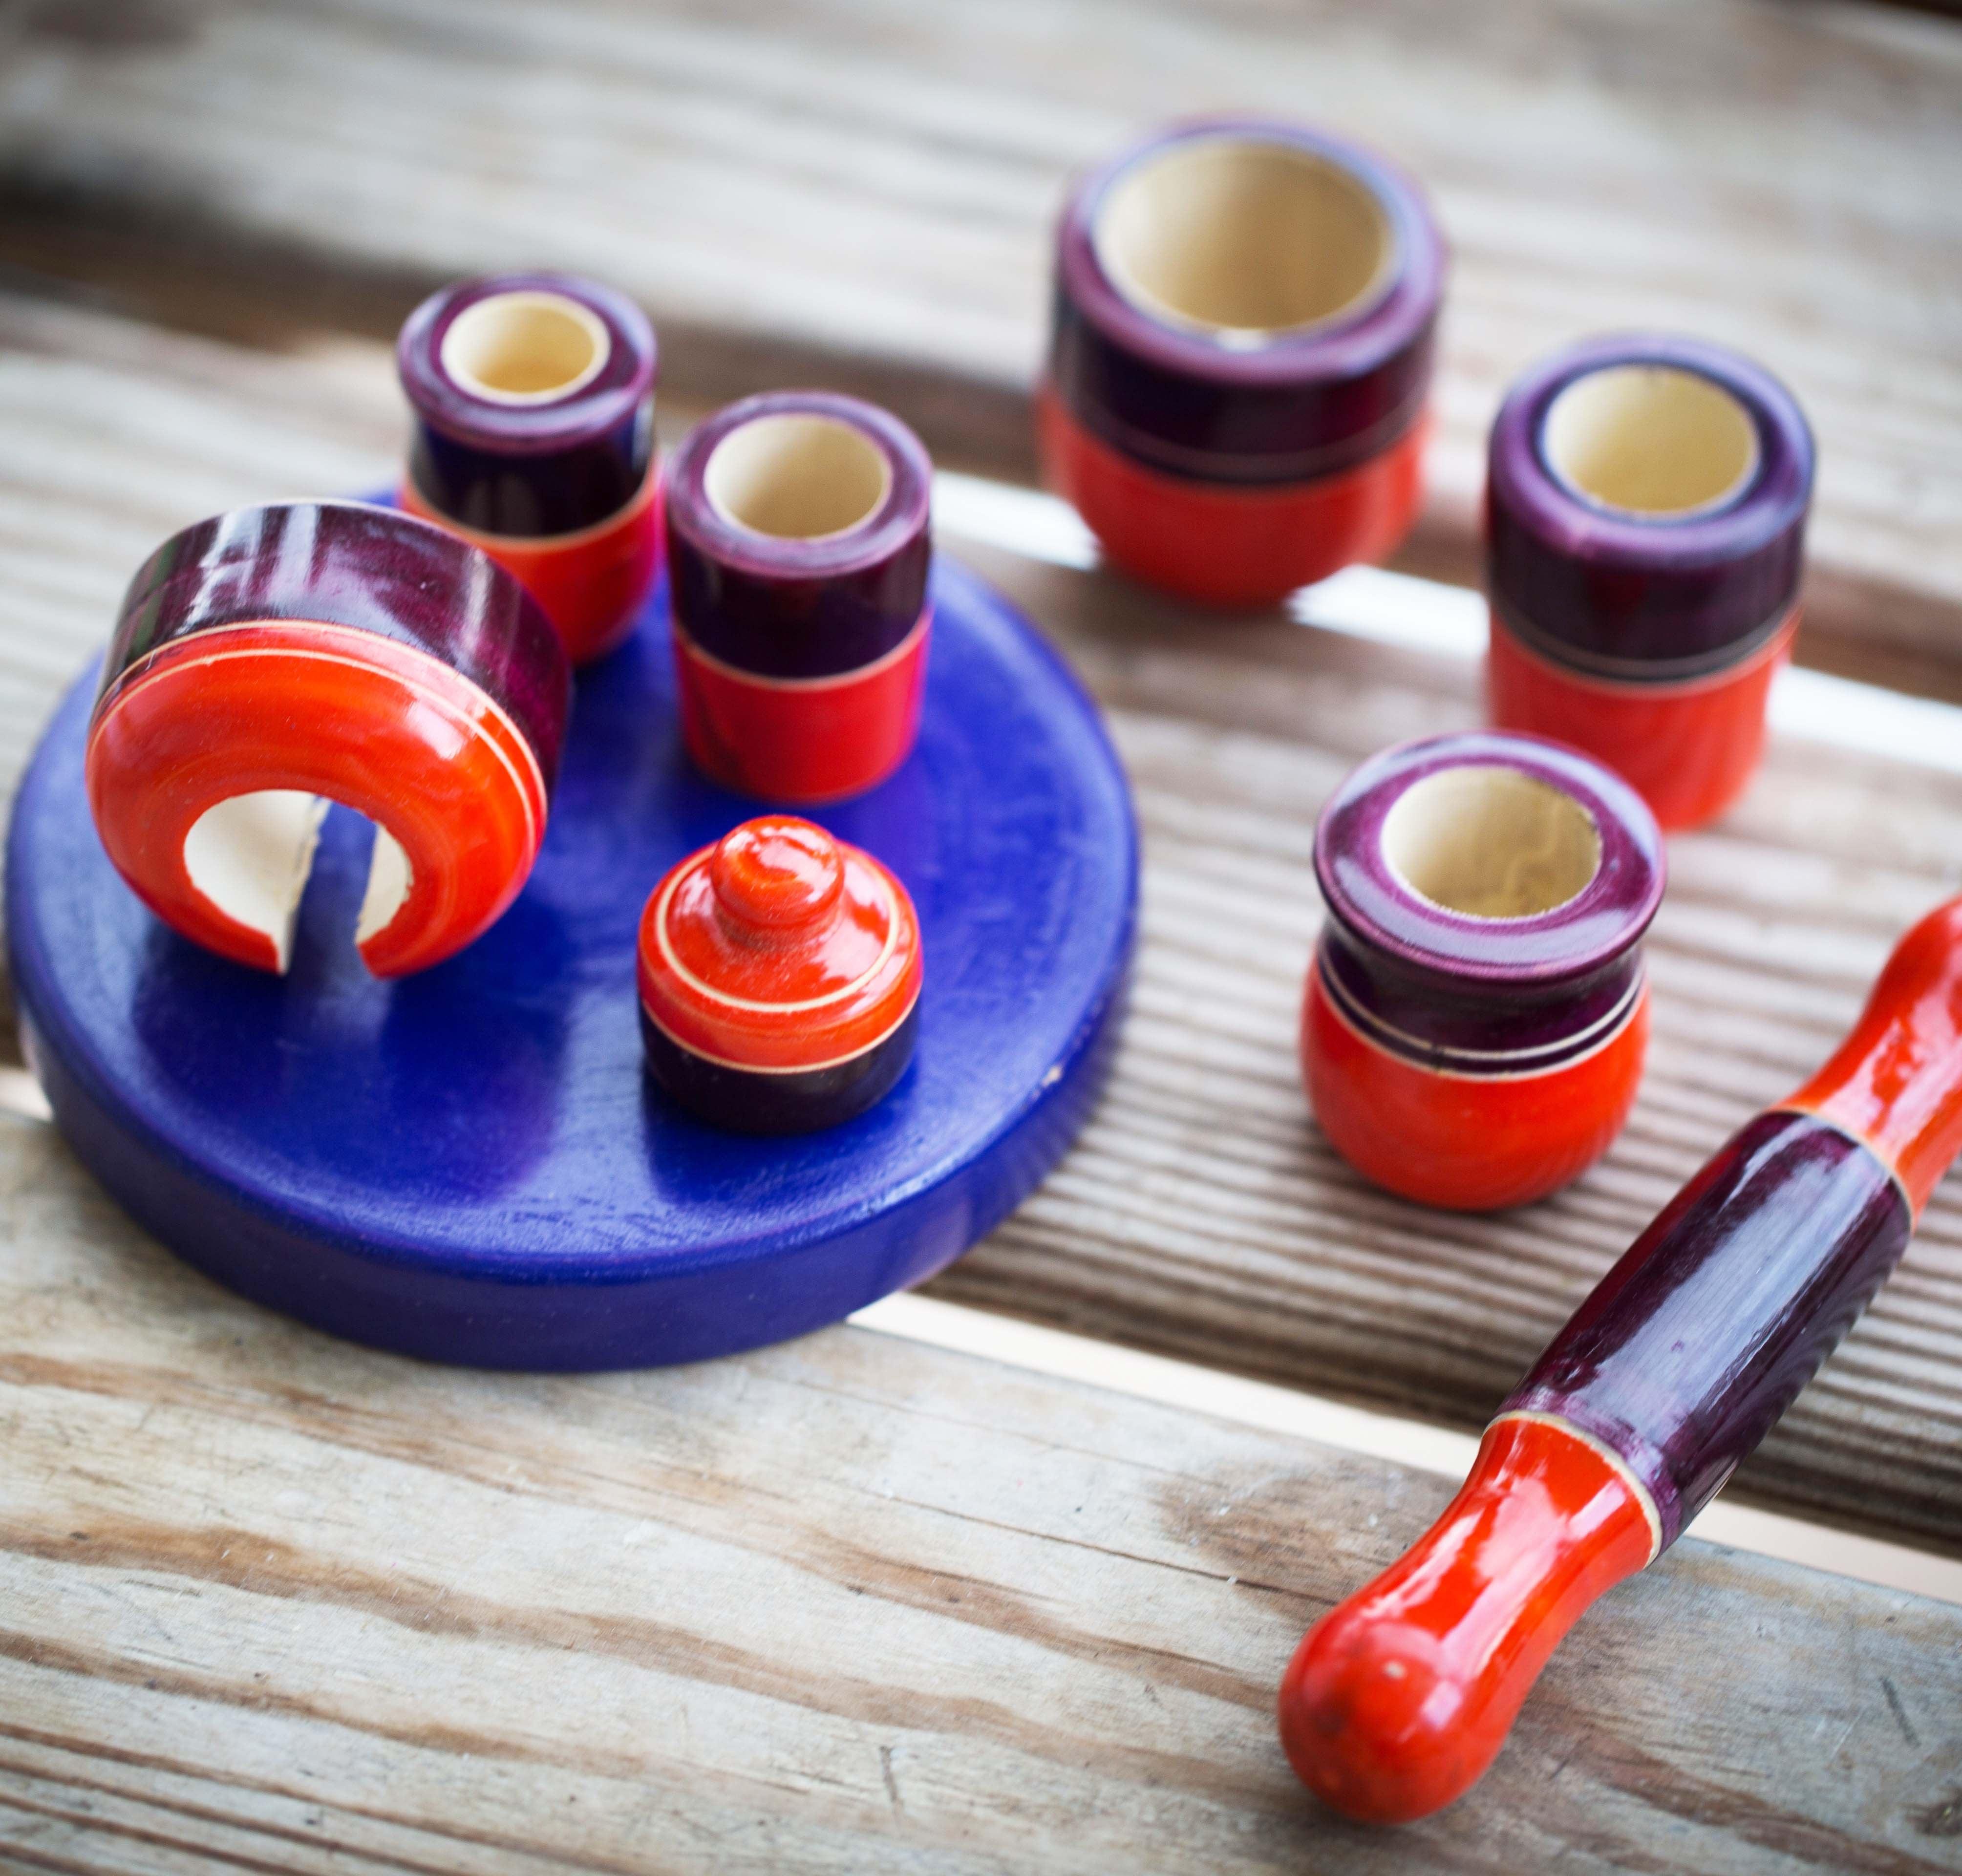 כלי מטבח מיניאטוריים מעץ  סגול-אדום